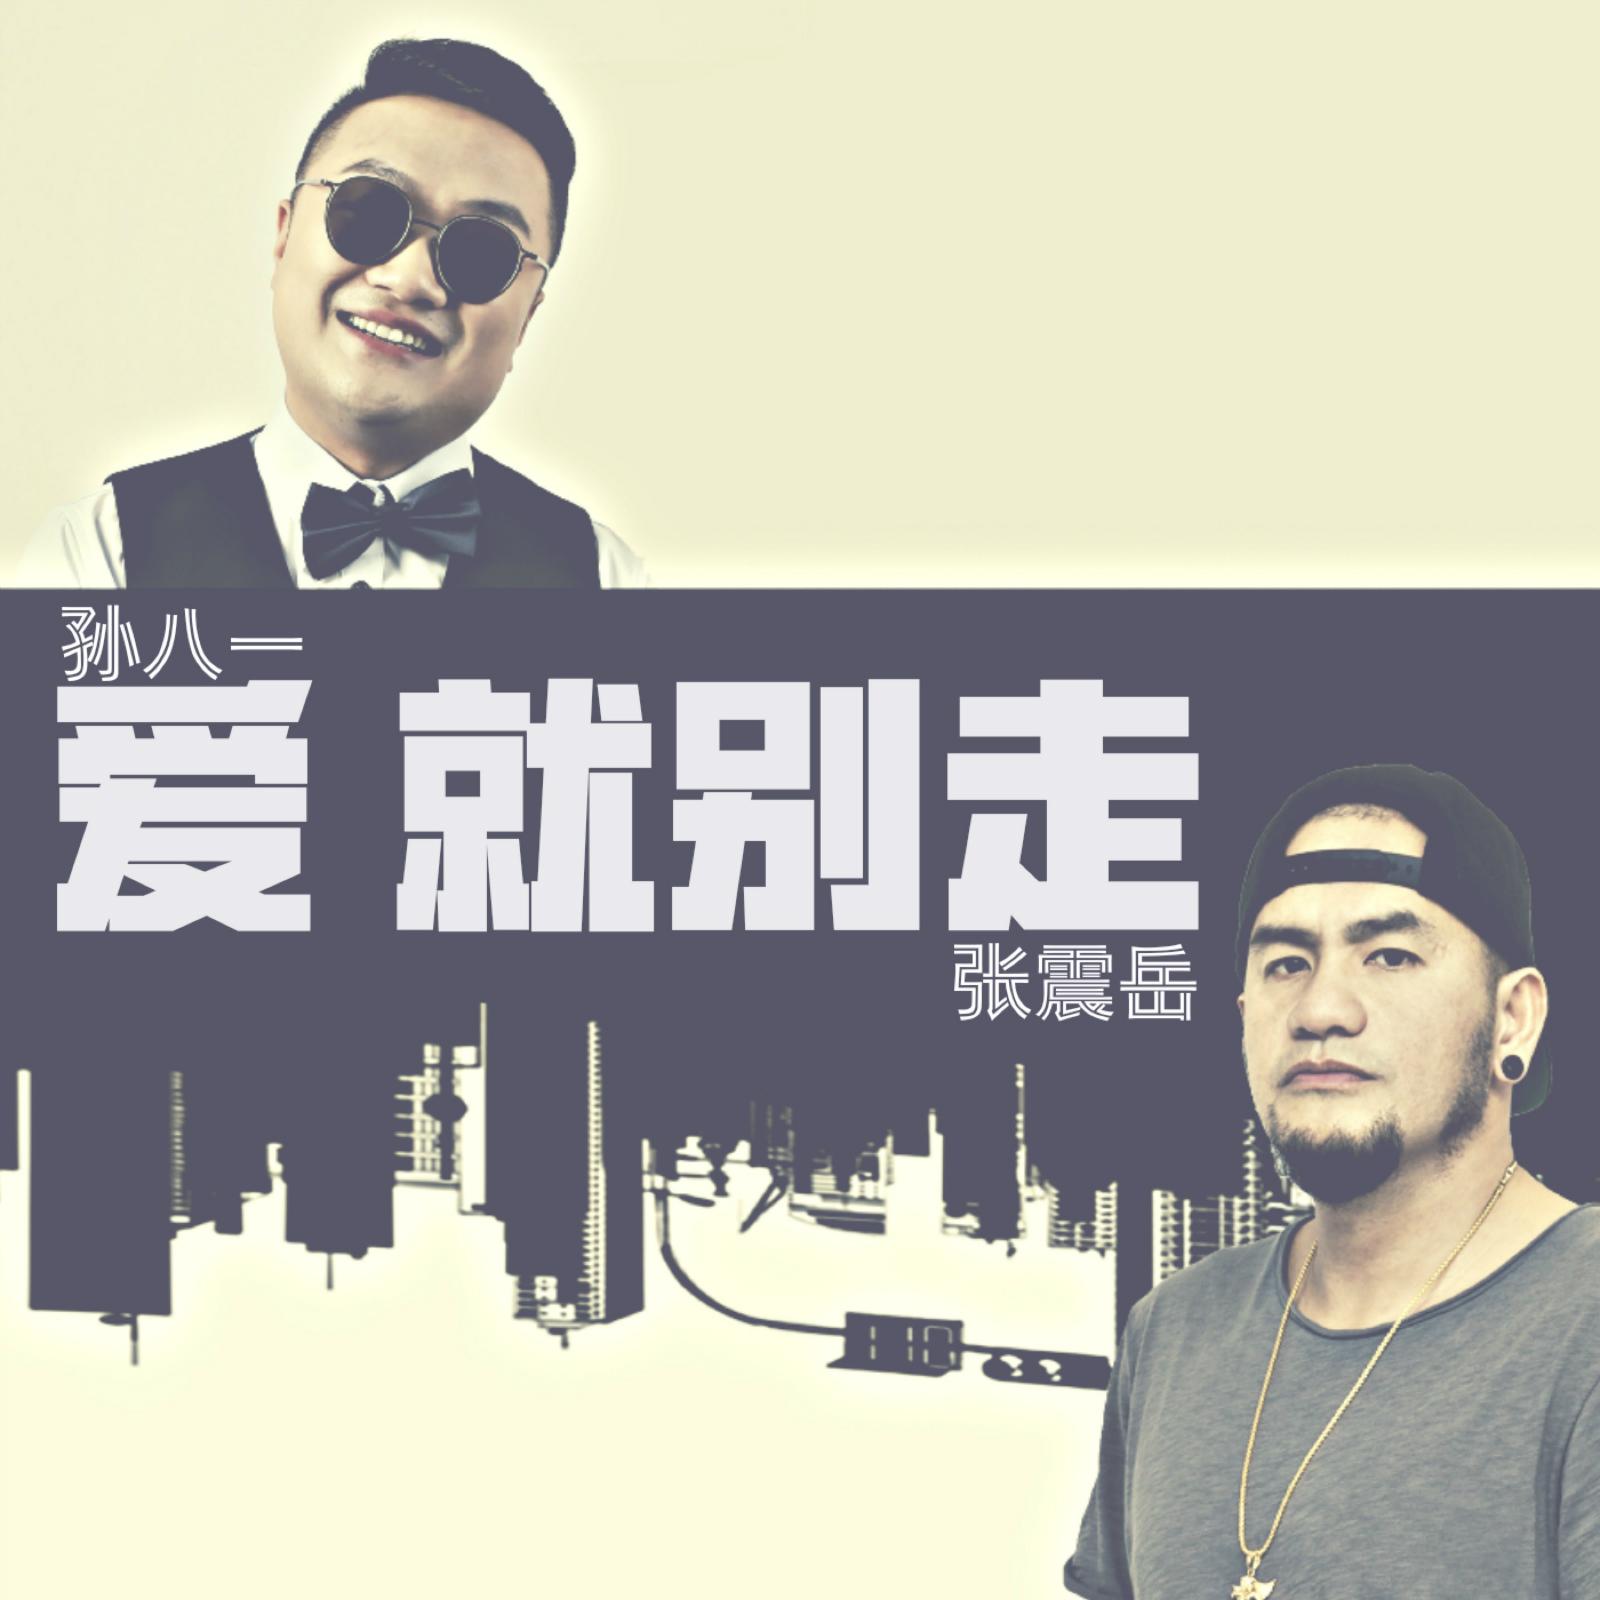 爱就别走 官方版 - 孙八一 &张震岳 未知 MV音乐在线观看